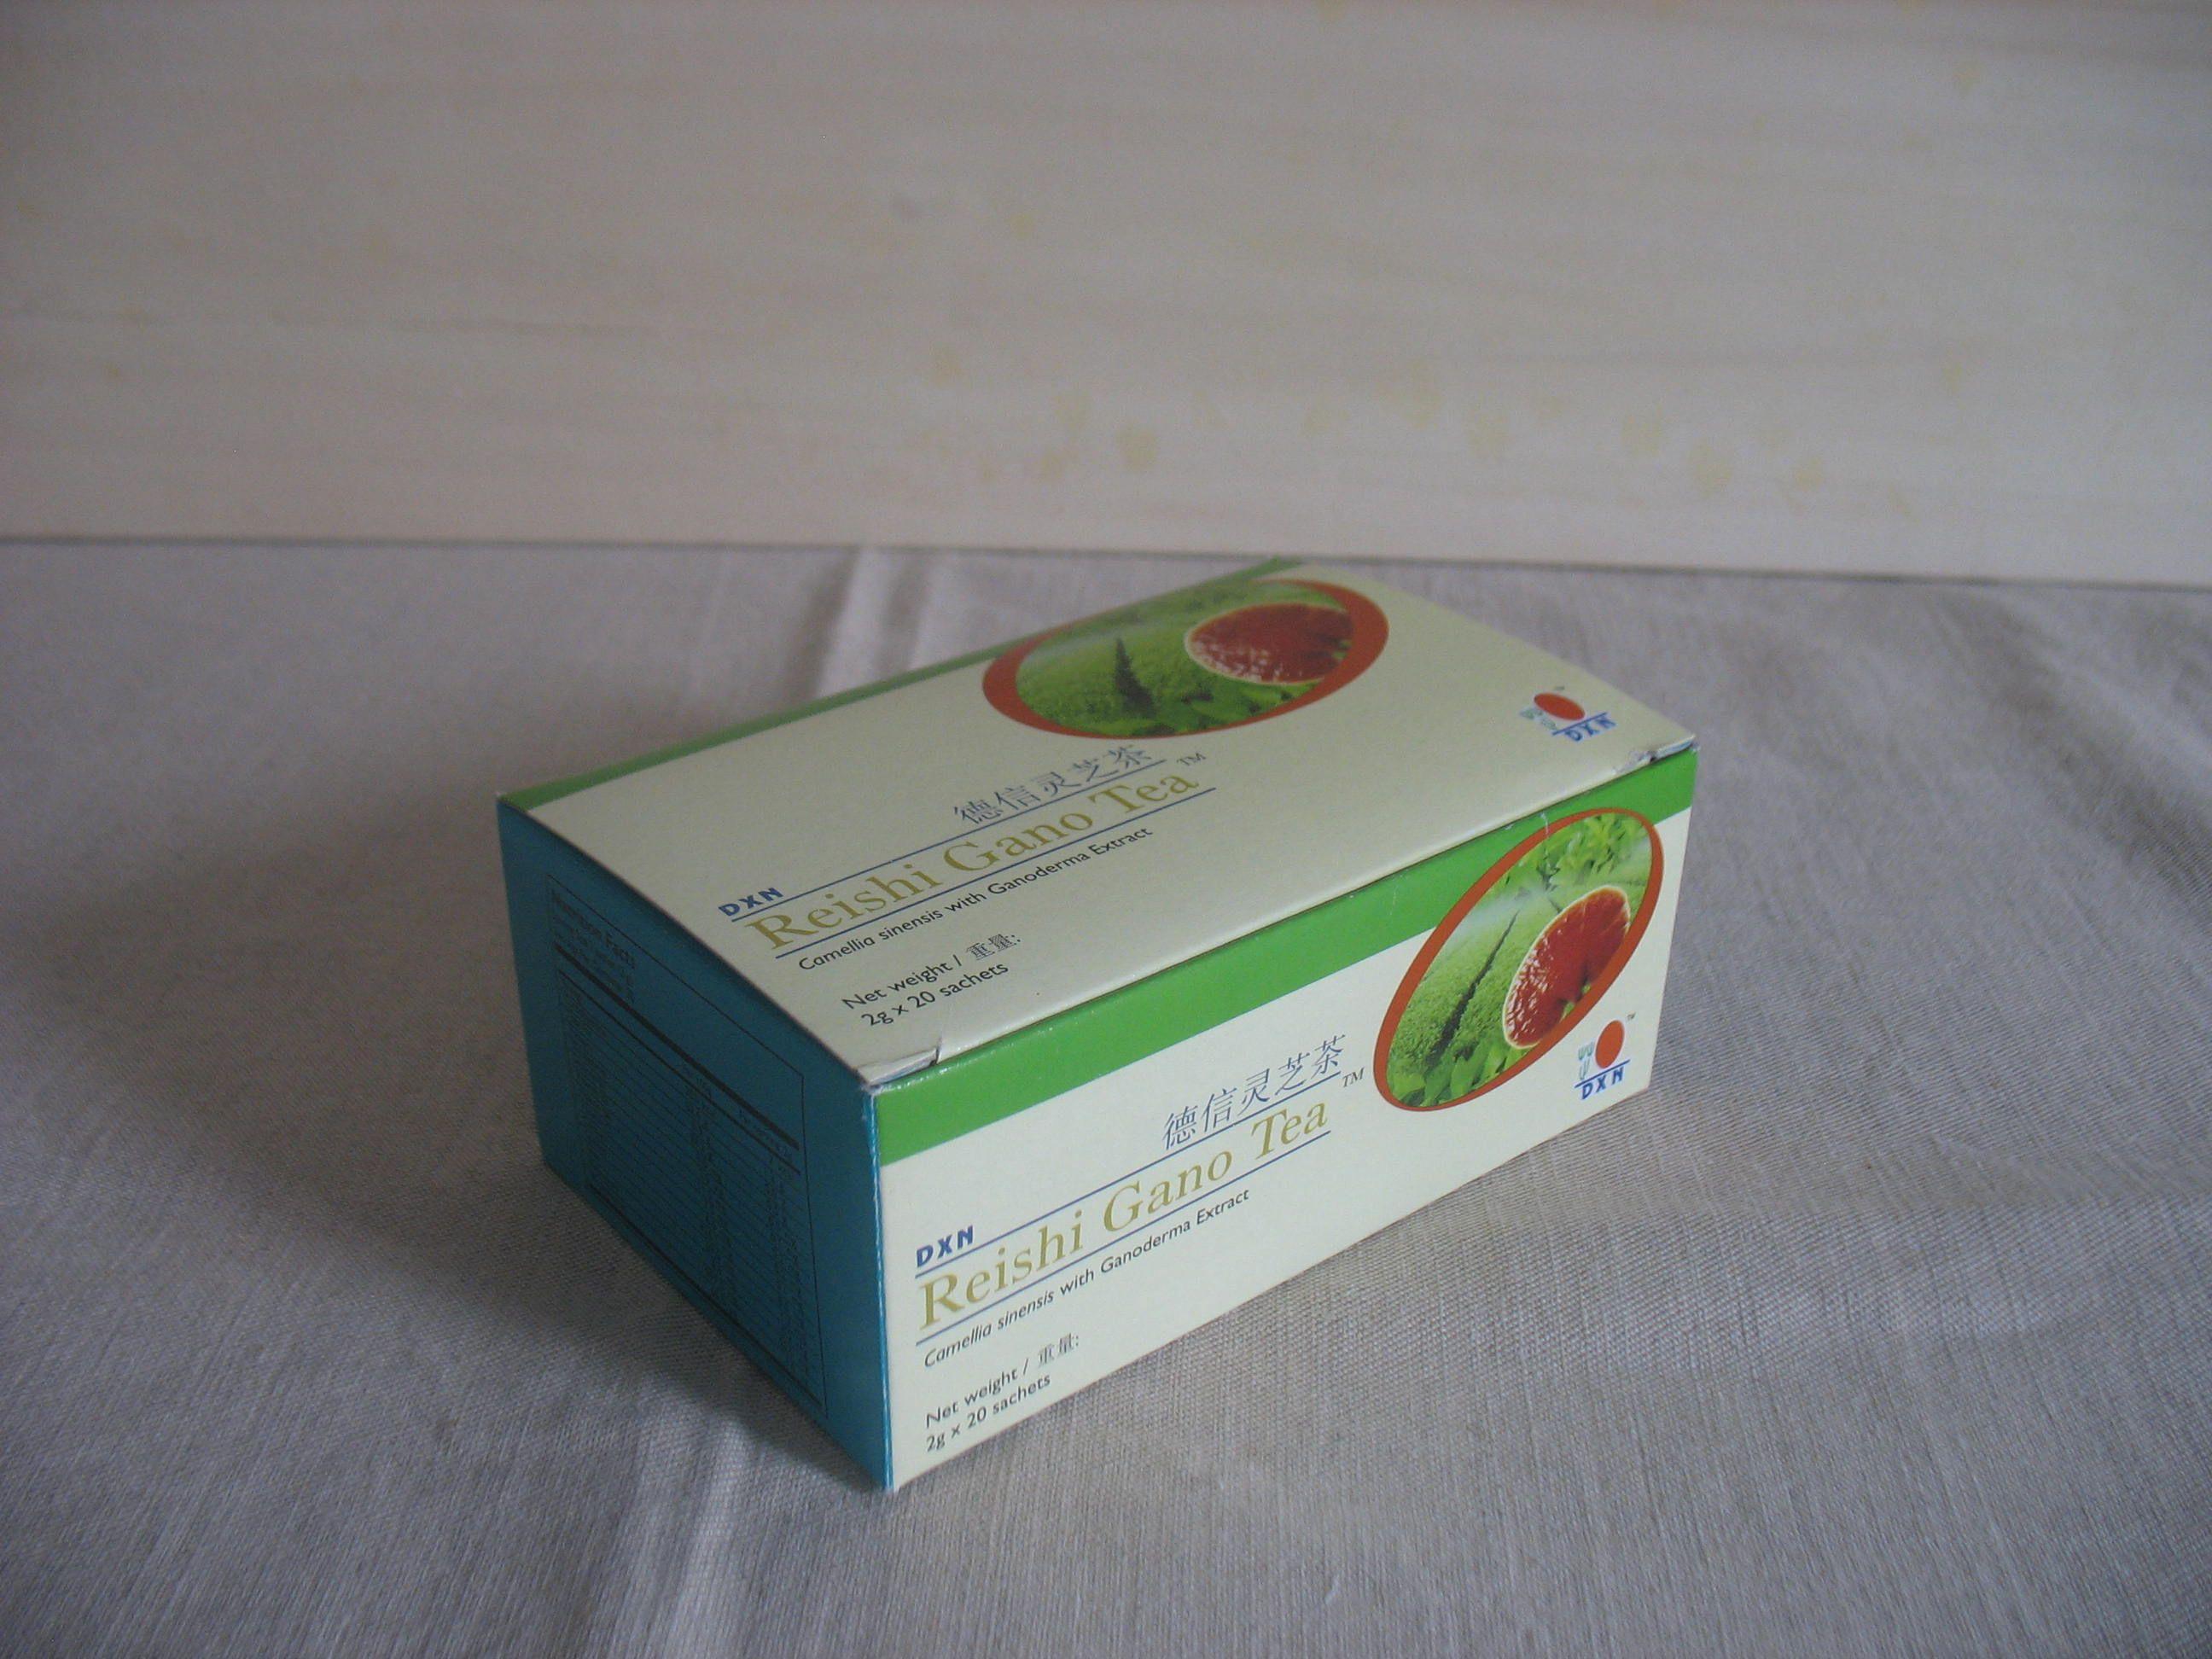 Reishi Gano Tè è un prodotto di ottima qualità e contiene tè verde ed estratto di Ganoderma.  Il suo sapore deciso proviene dagli ingredienti naturali. Non contiene conservanti, coloranti artificiali, additivi di gusto e di aroma, aggregati, ingredienti di origine animale e cereali. Valore Nutritivo in 2 g (una bustina): Energia: 7,1 kcal carboidrati: 1,25 g proteine: 0,48 g grassi: 0,02 g Maggiori info: www.simonetwork.dxnitaly.com/products